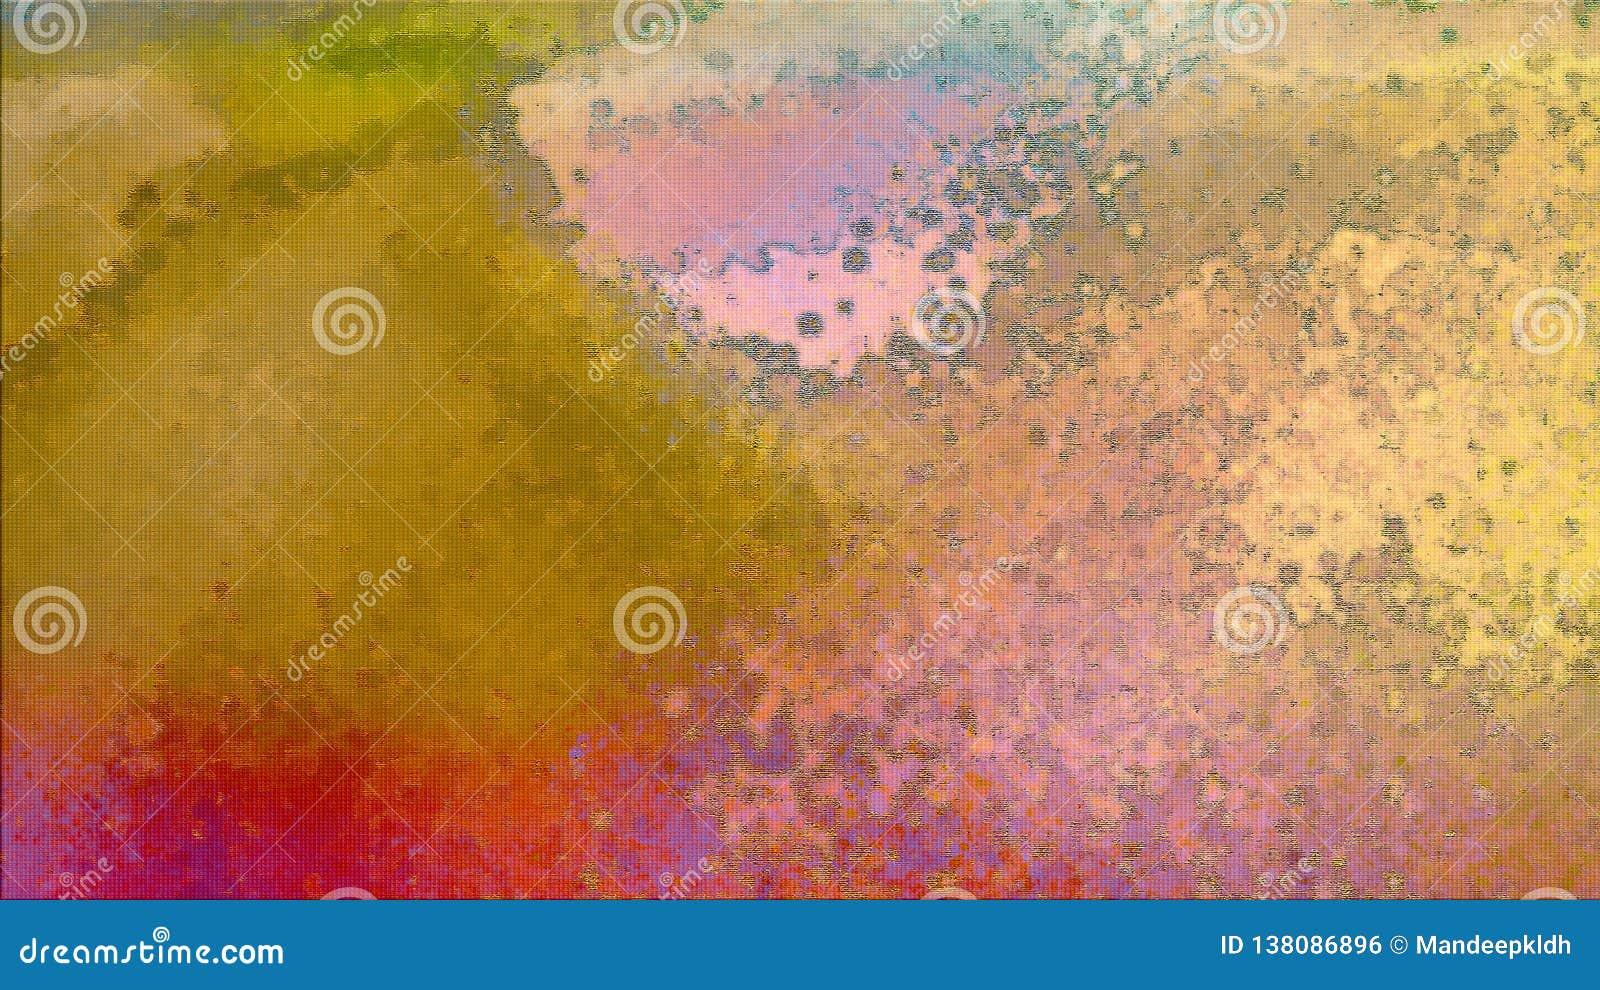 Cores do arco-íris Mão abstrata fundo pintado Cursos de pintura acrílicos na lona Arte moderna efeitos 3D